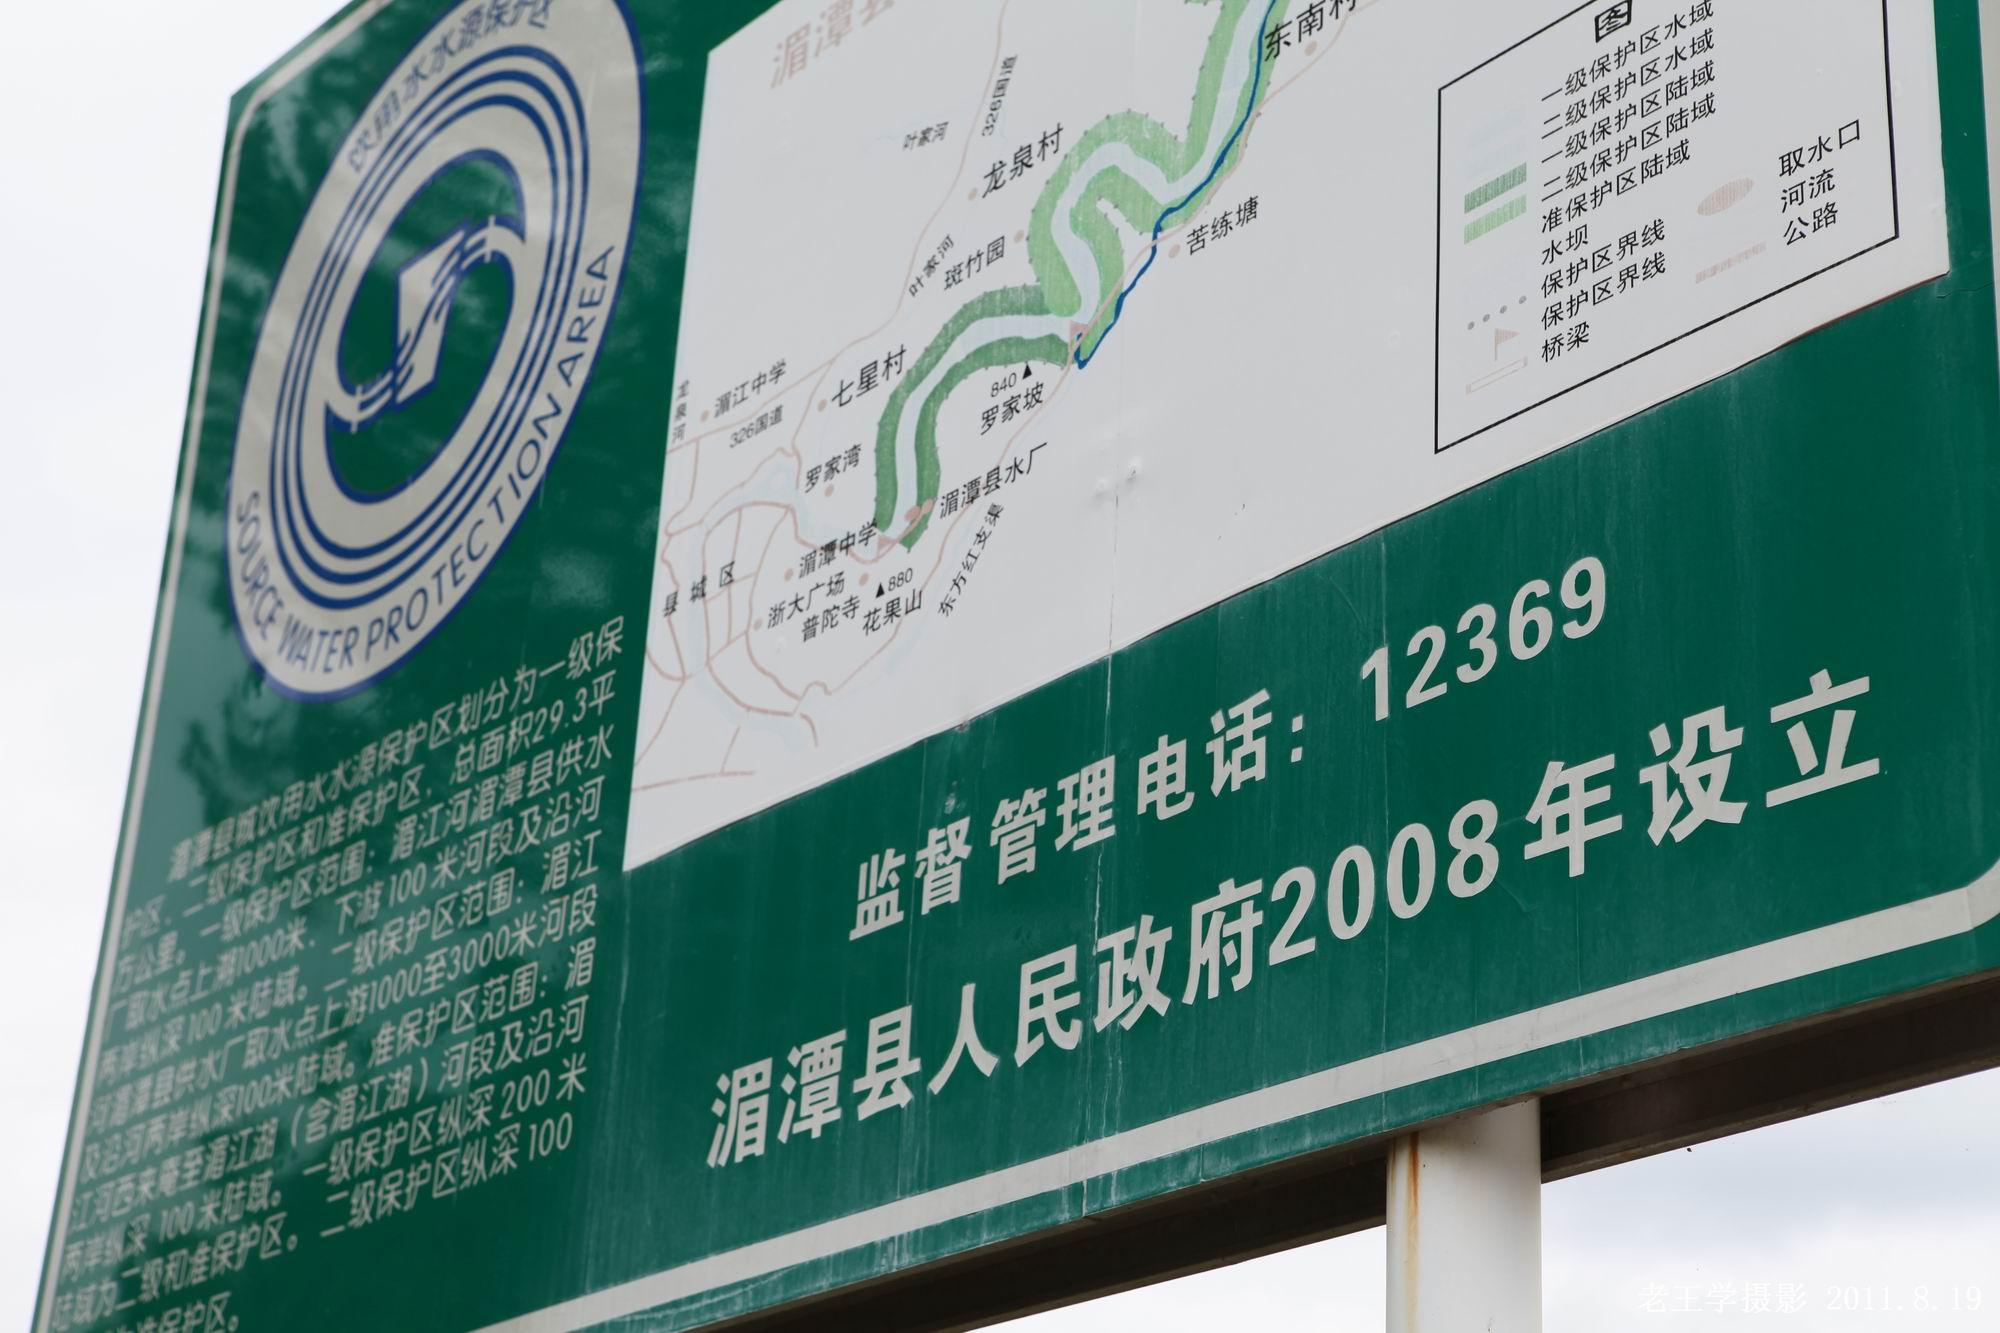 [呼吁制止]湄潭市民饮用水水源保护区湄江河党家沟河